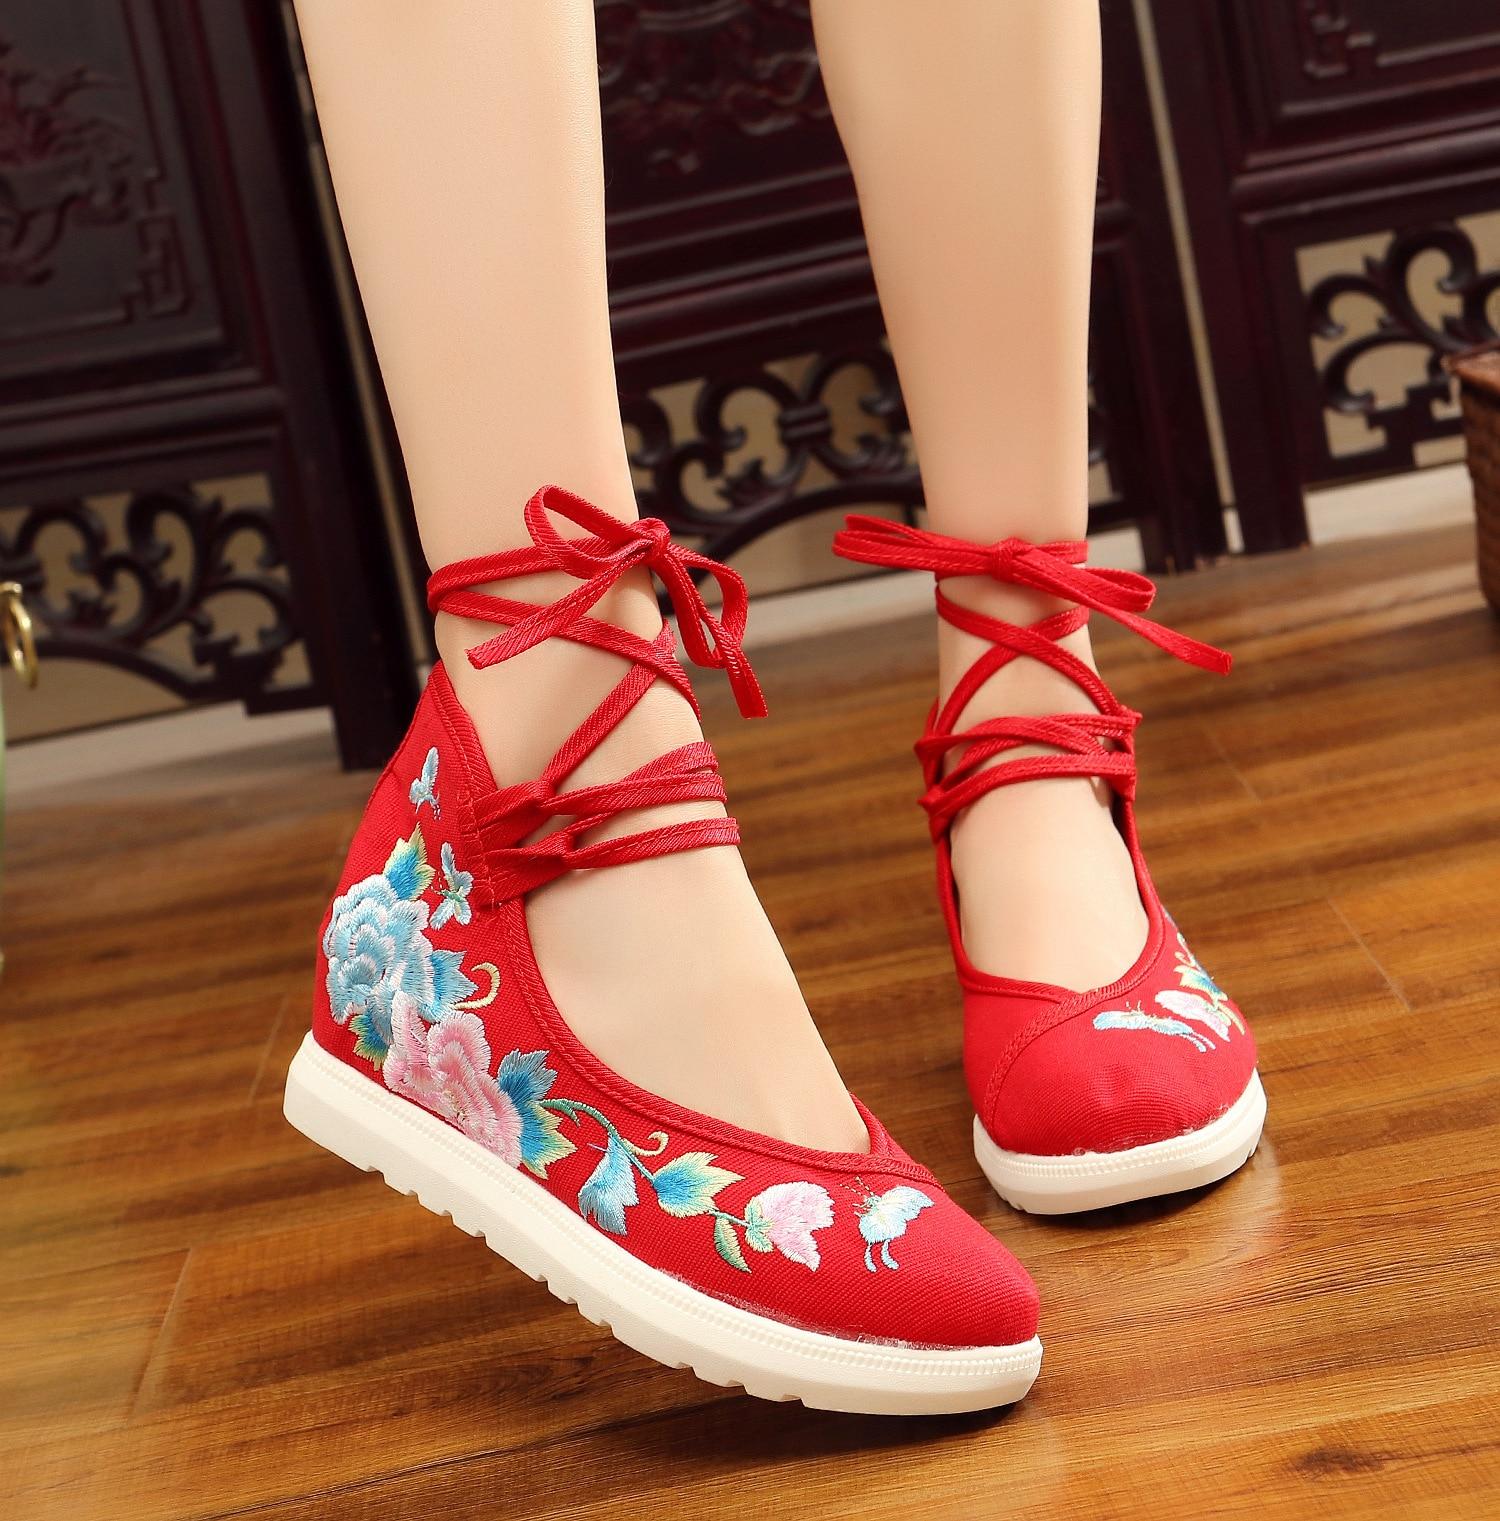 Femme Mary Vieux Chinois Style Jane blanc Danse Pékin De Mode À Chaussures L'intérieur Traditionnel Femmes Broderie Accroître Ascenseur Bleu rouge qa7q4rB